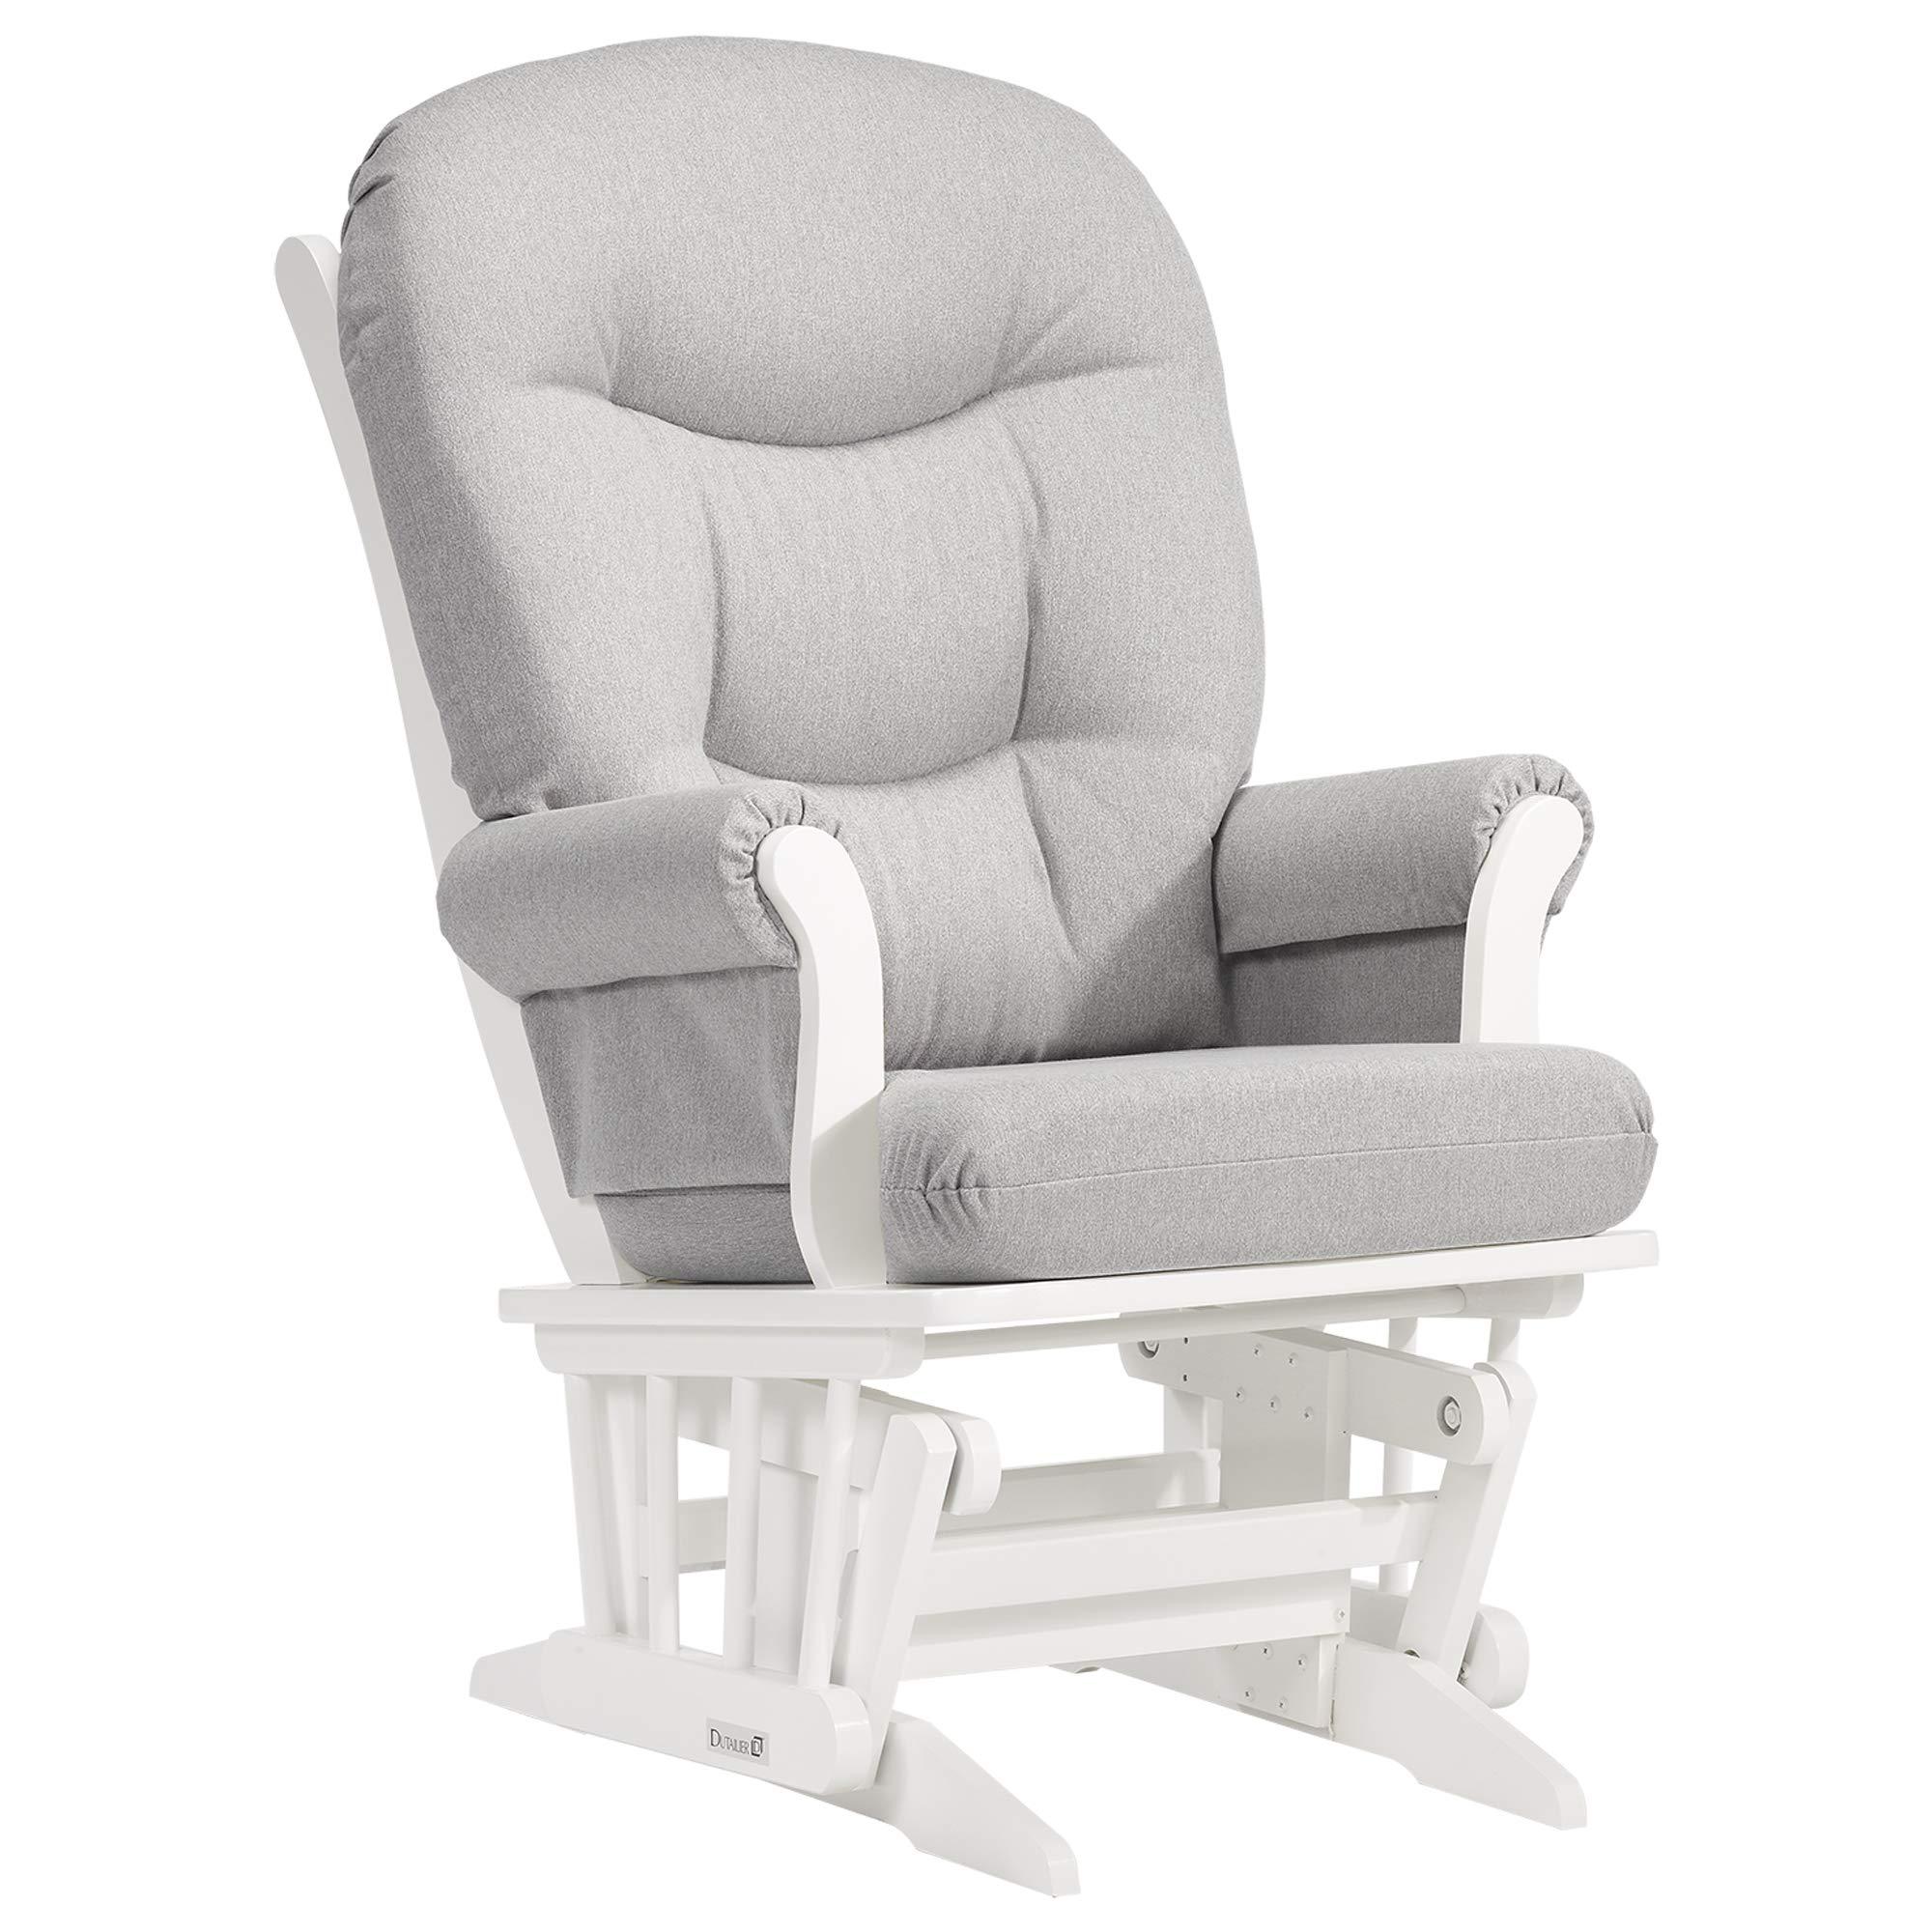 Dutailier Sleigh 0415 Glider Chair by Dutailier